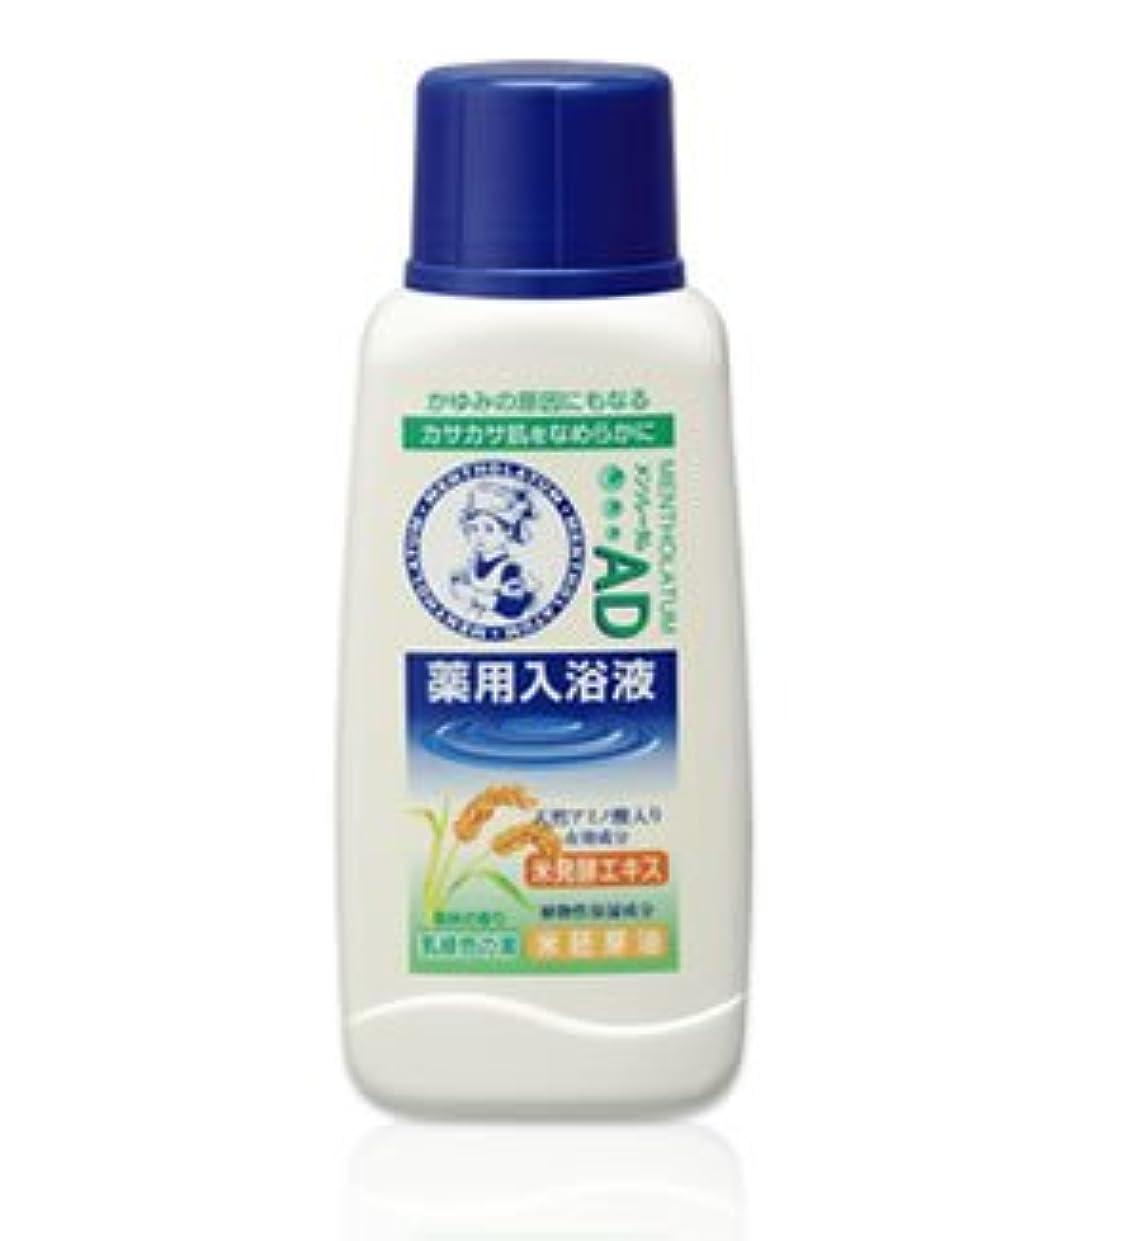 クロールリフト聴覚障害者(ロート)メンソレータム AD薬用入浴剤 森林の香り720ml(医薬部外品)